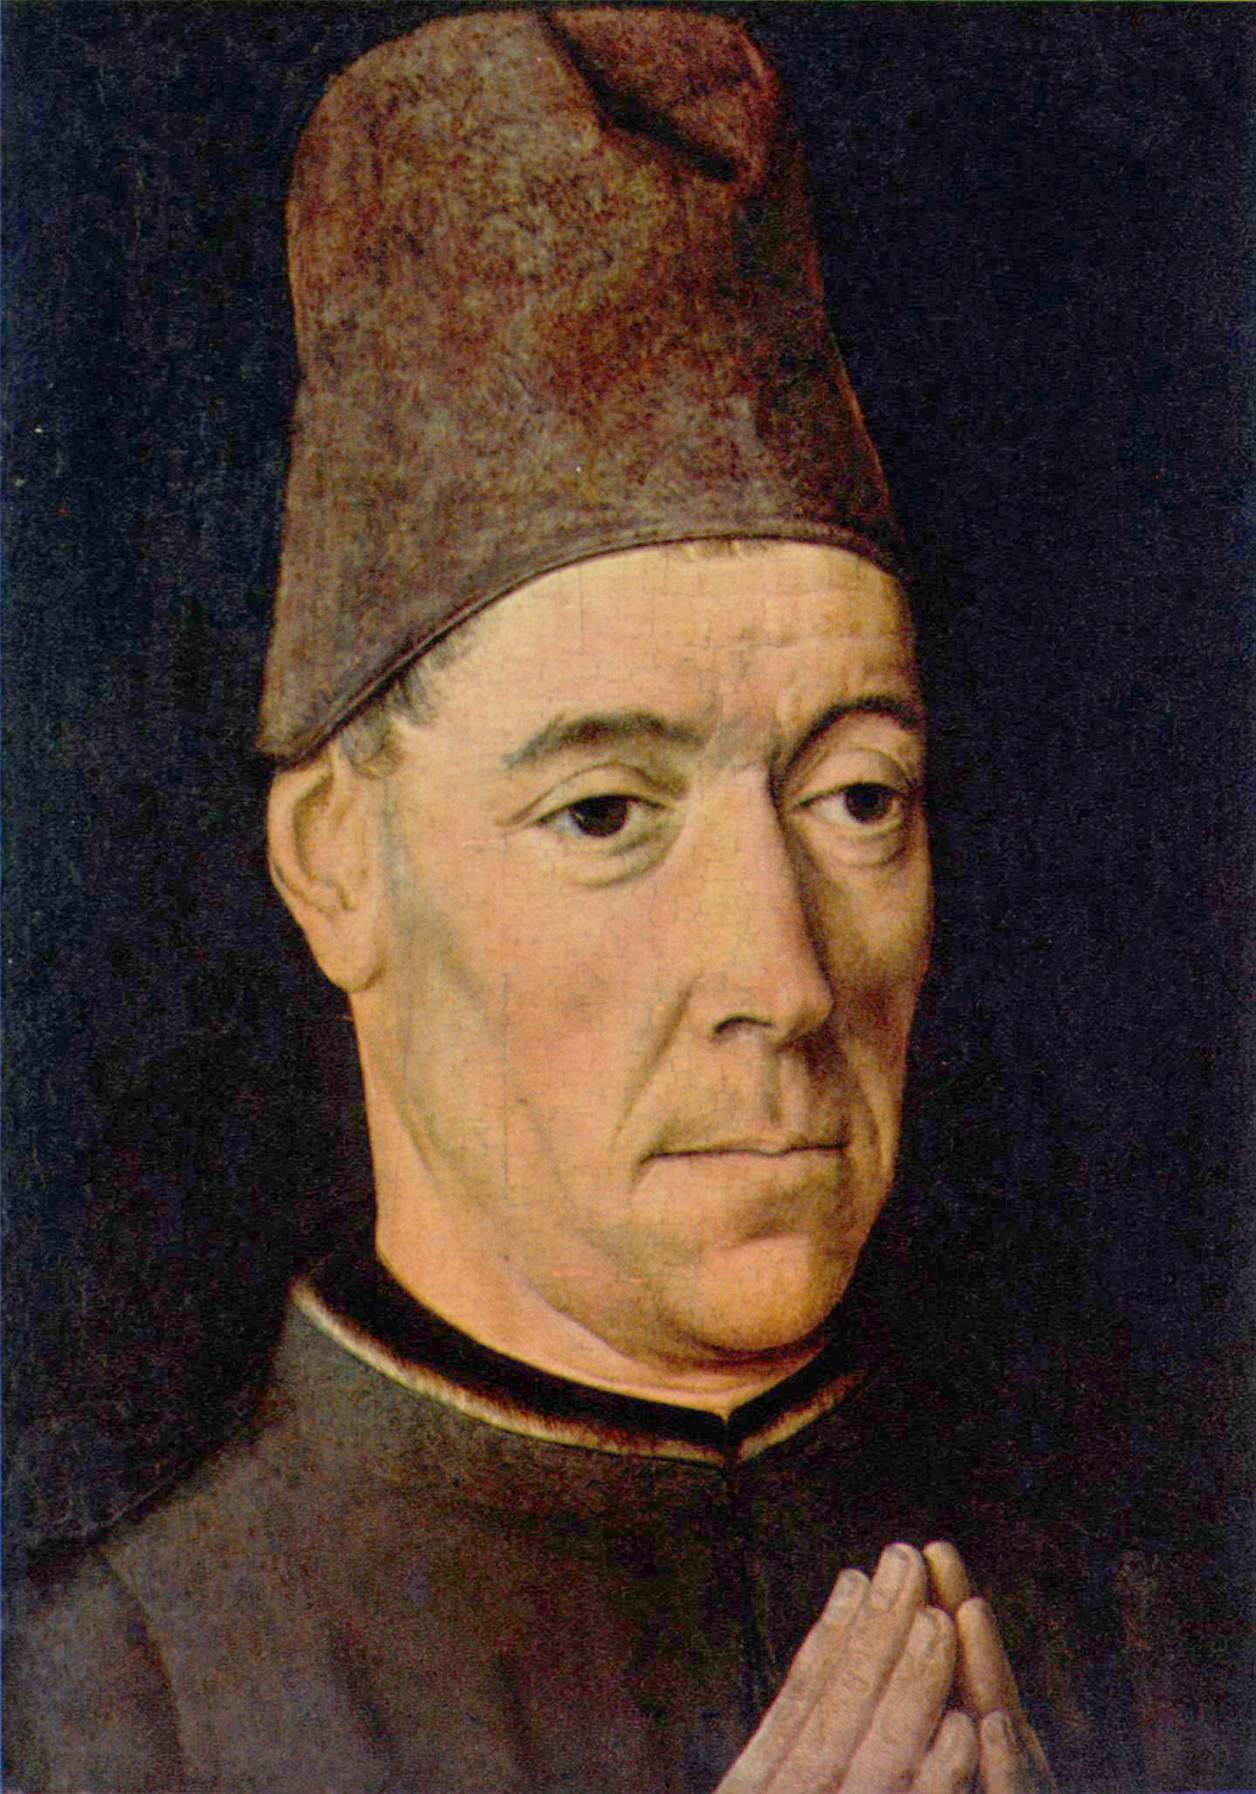 Portrait of a Man, 1470